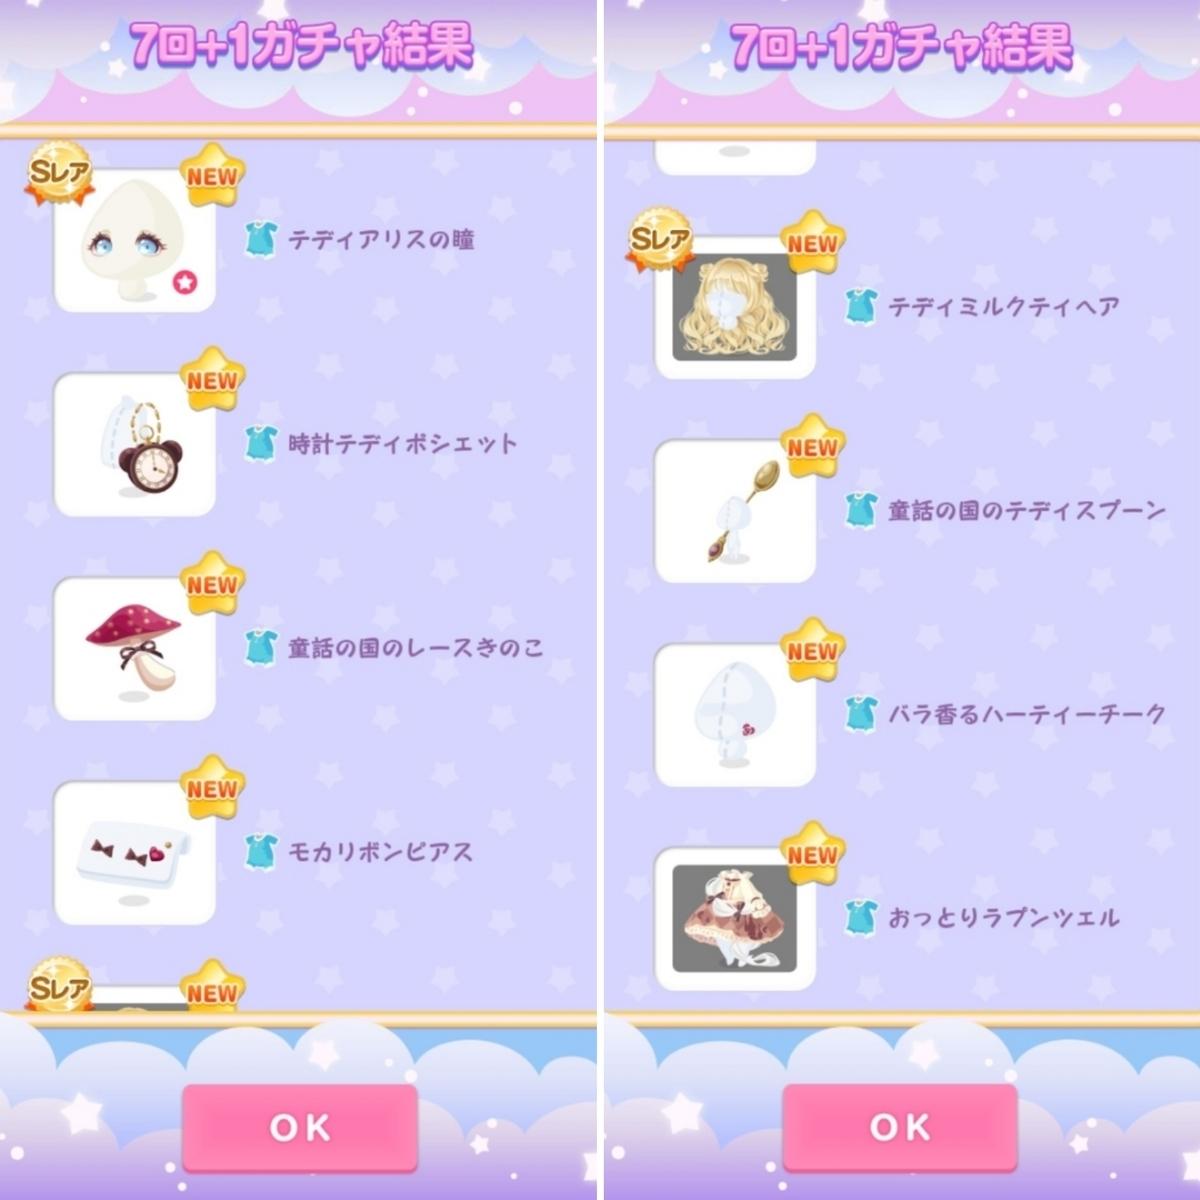 f:id:n_ayumiko:20201120122032j:plain